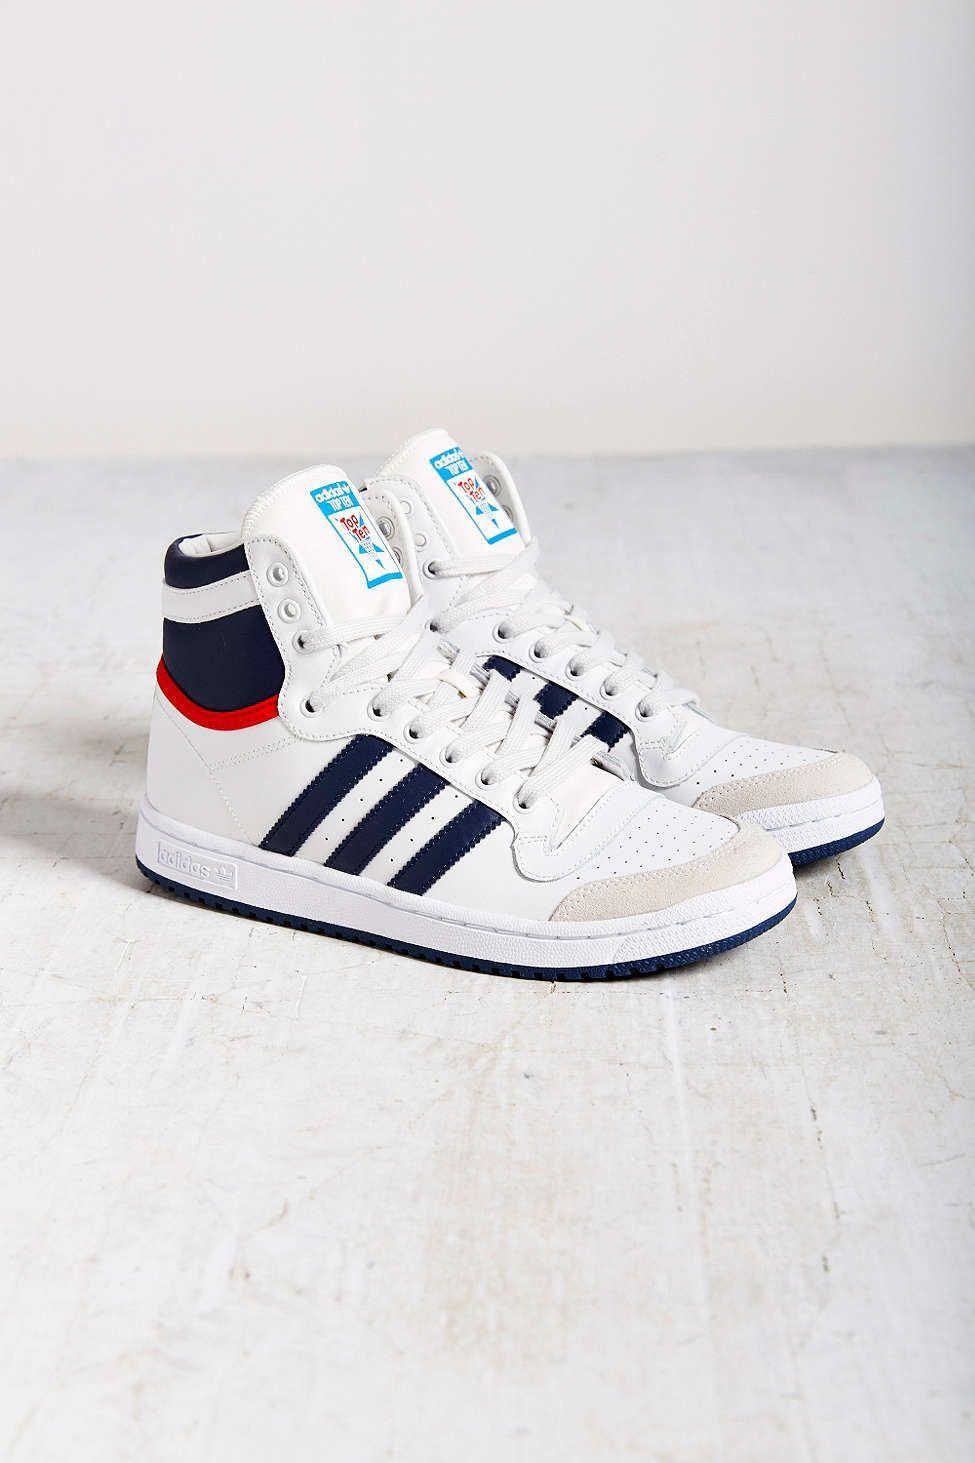 adidas Originals Retro Top Ten High-Top Sneaker  06c76dea15e4a